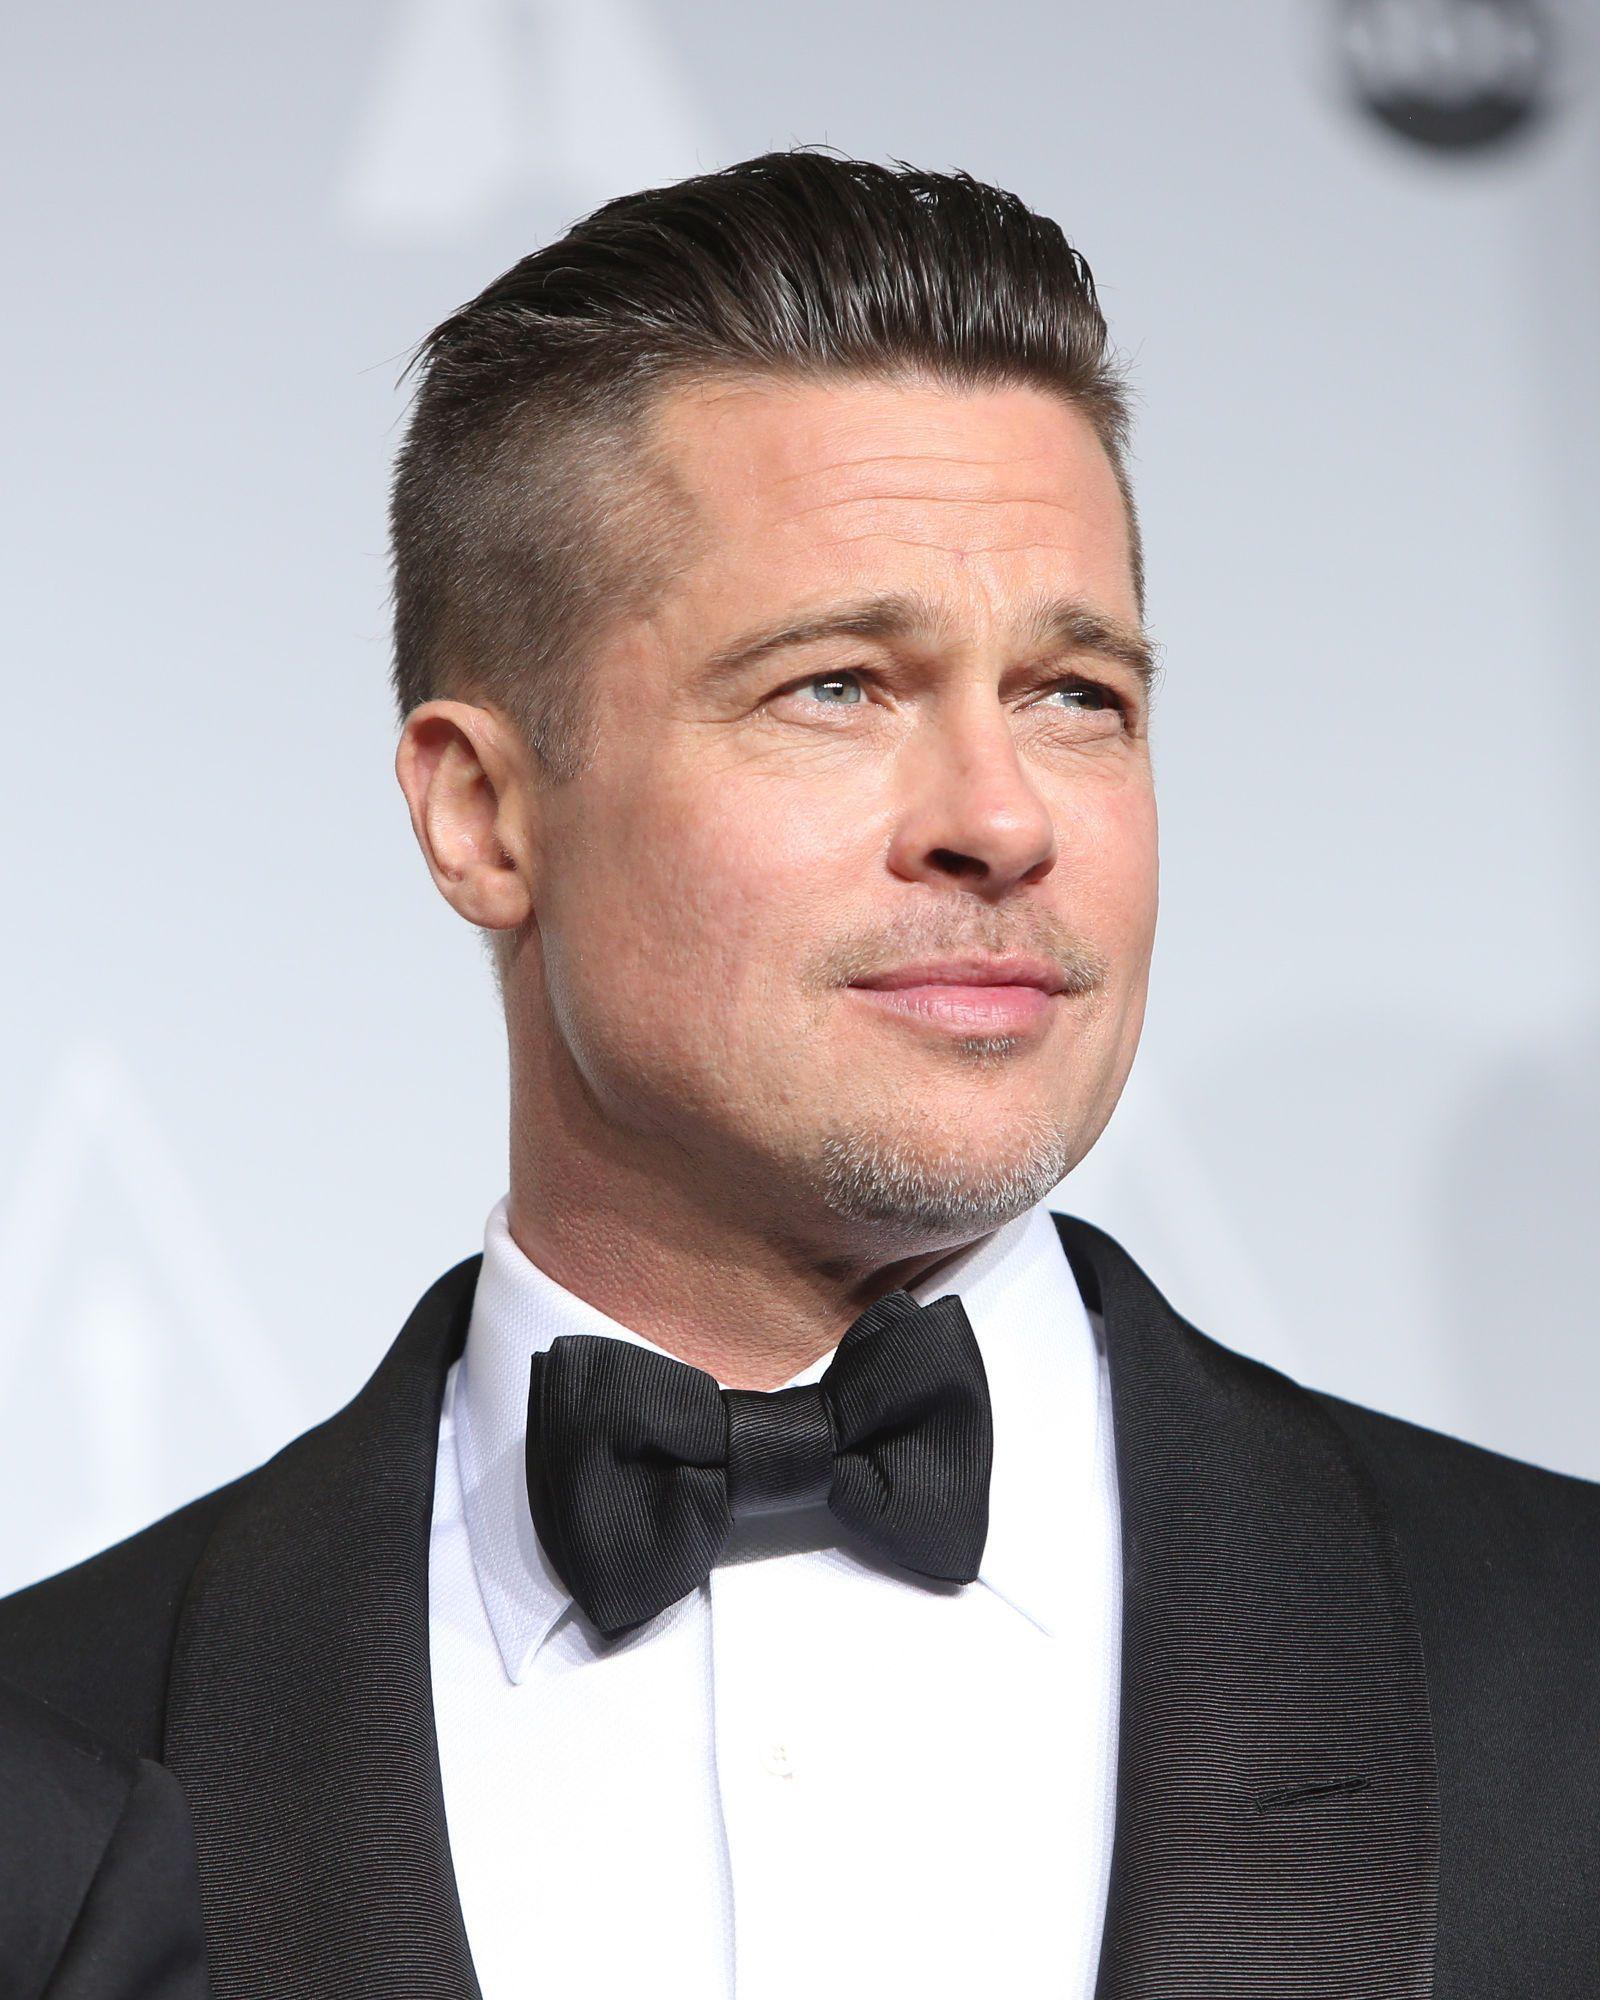 Schöne gute Frisuren für Jungen  Frisur undercut, Männer frisur